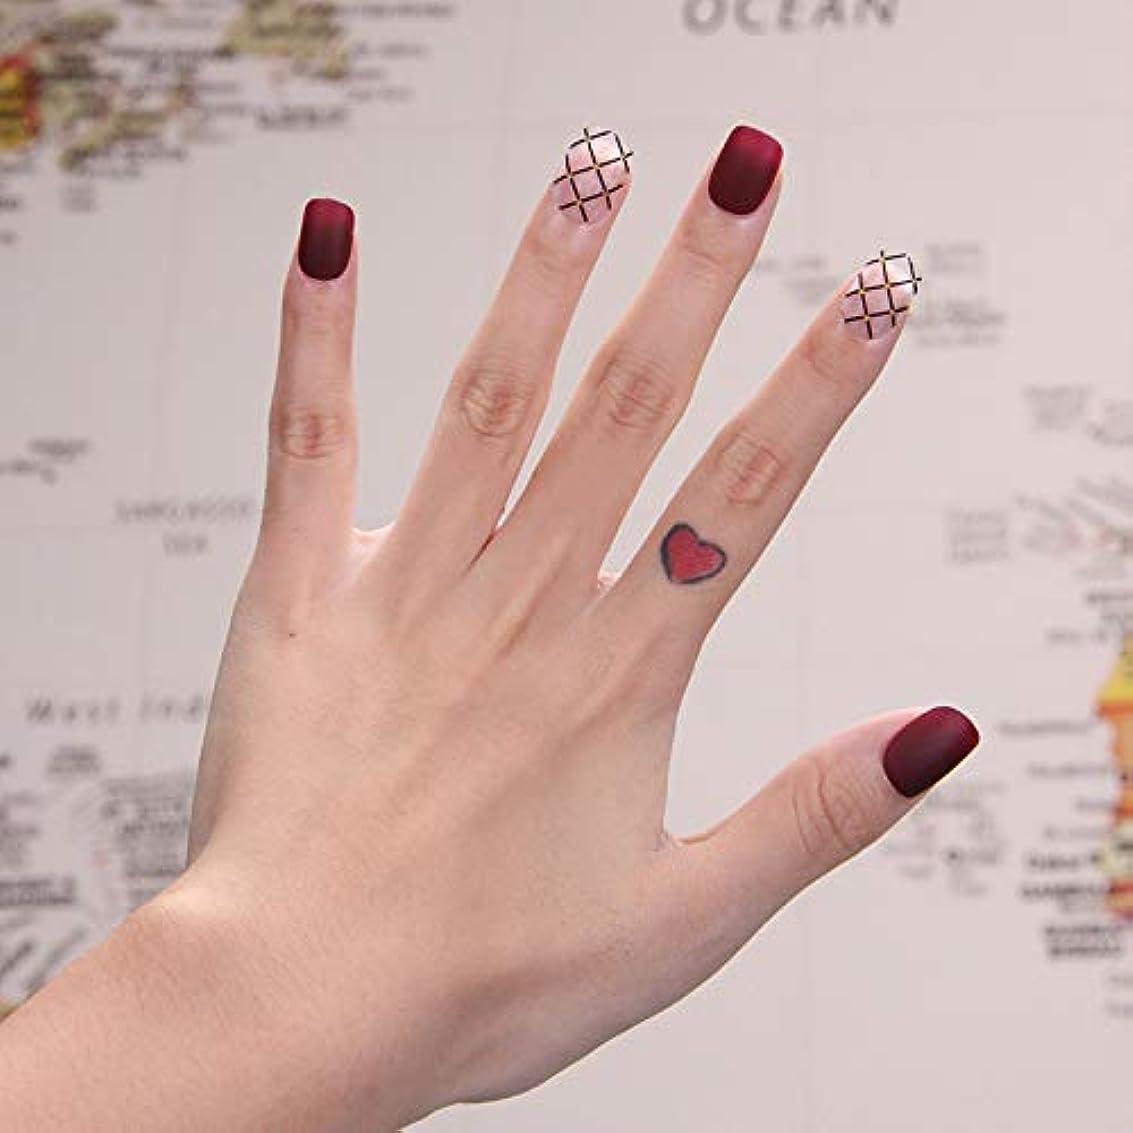 優雅ボトルトムオードリース可愛い優雅ネイル 女性気質 手作りネイルチップ 24枚入 簡単に爪を取り除くことができます フレンチネイルチップ 二次会ネイルチップ 結婚式ネイルチップ (砂を磨き グリッド)